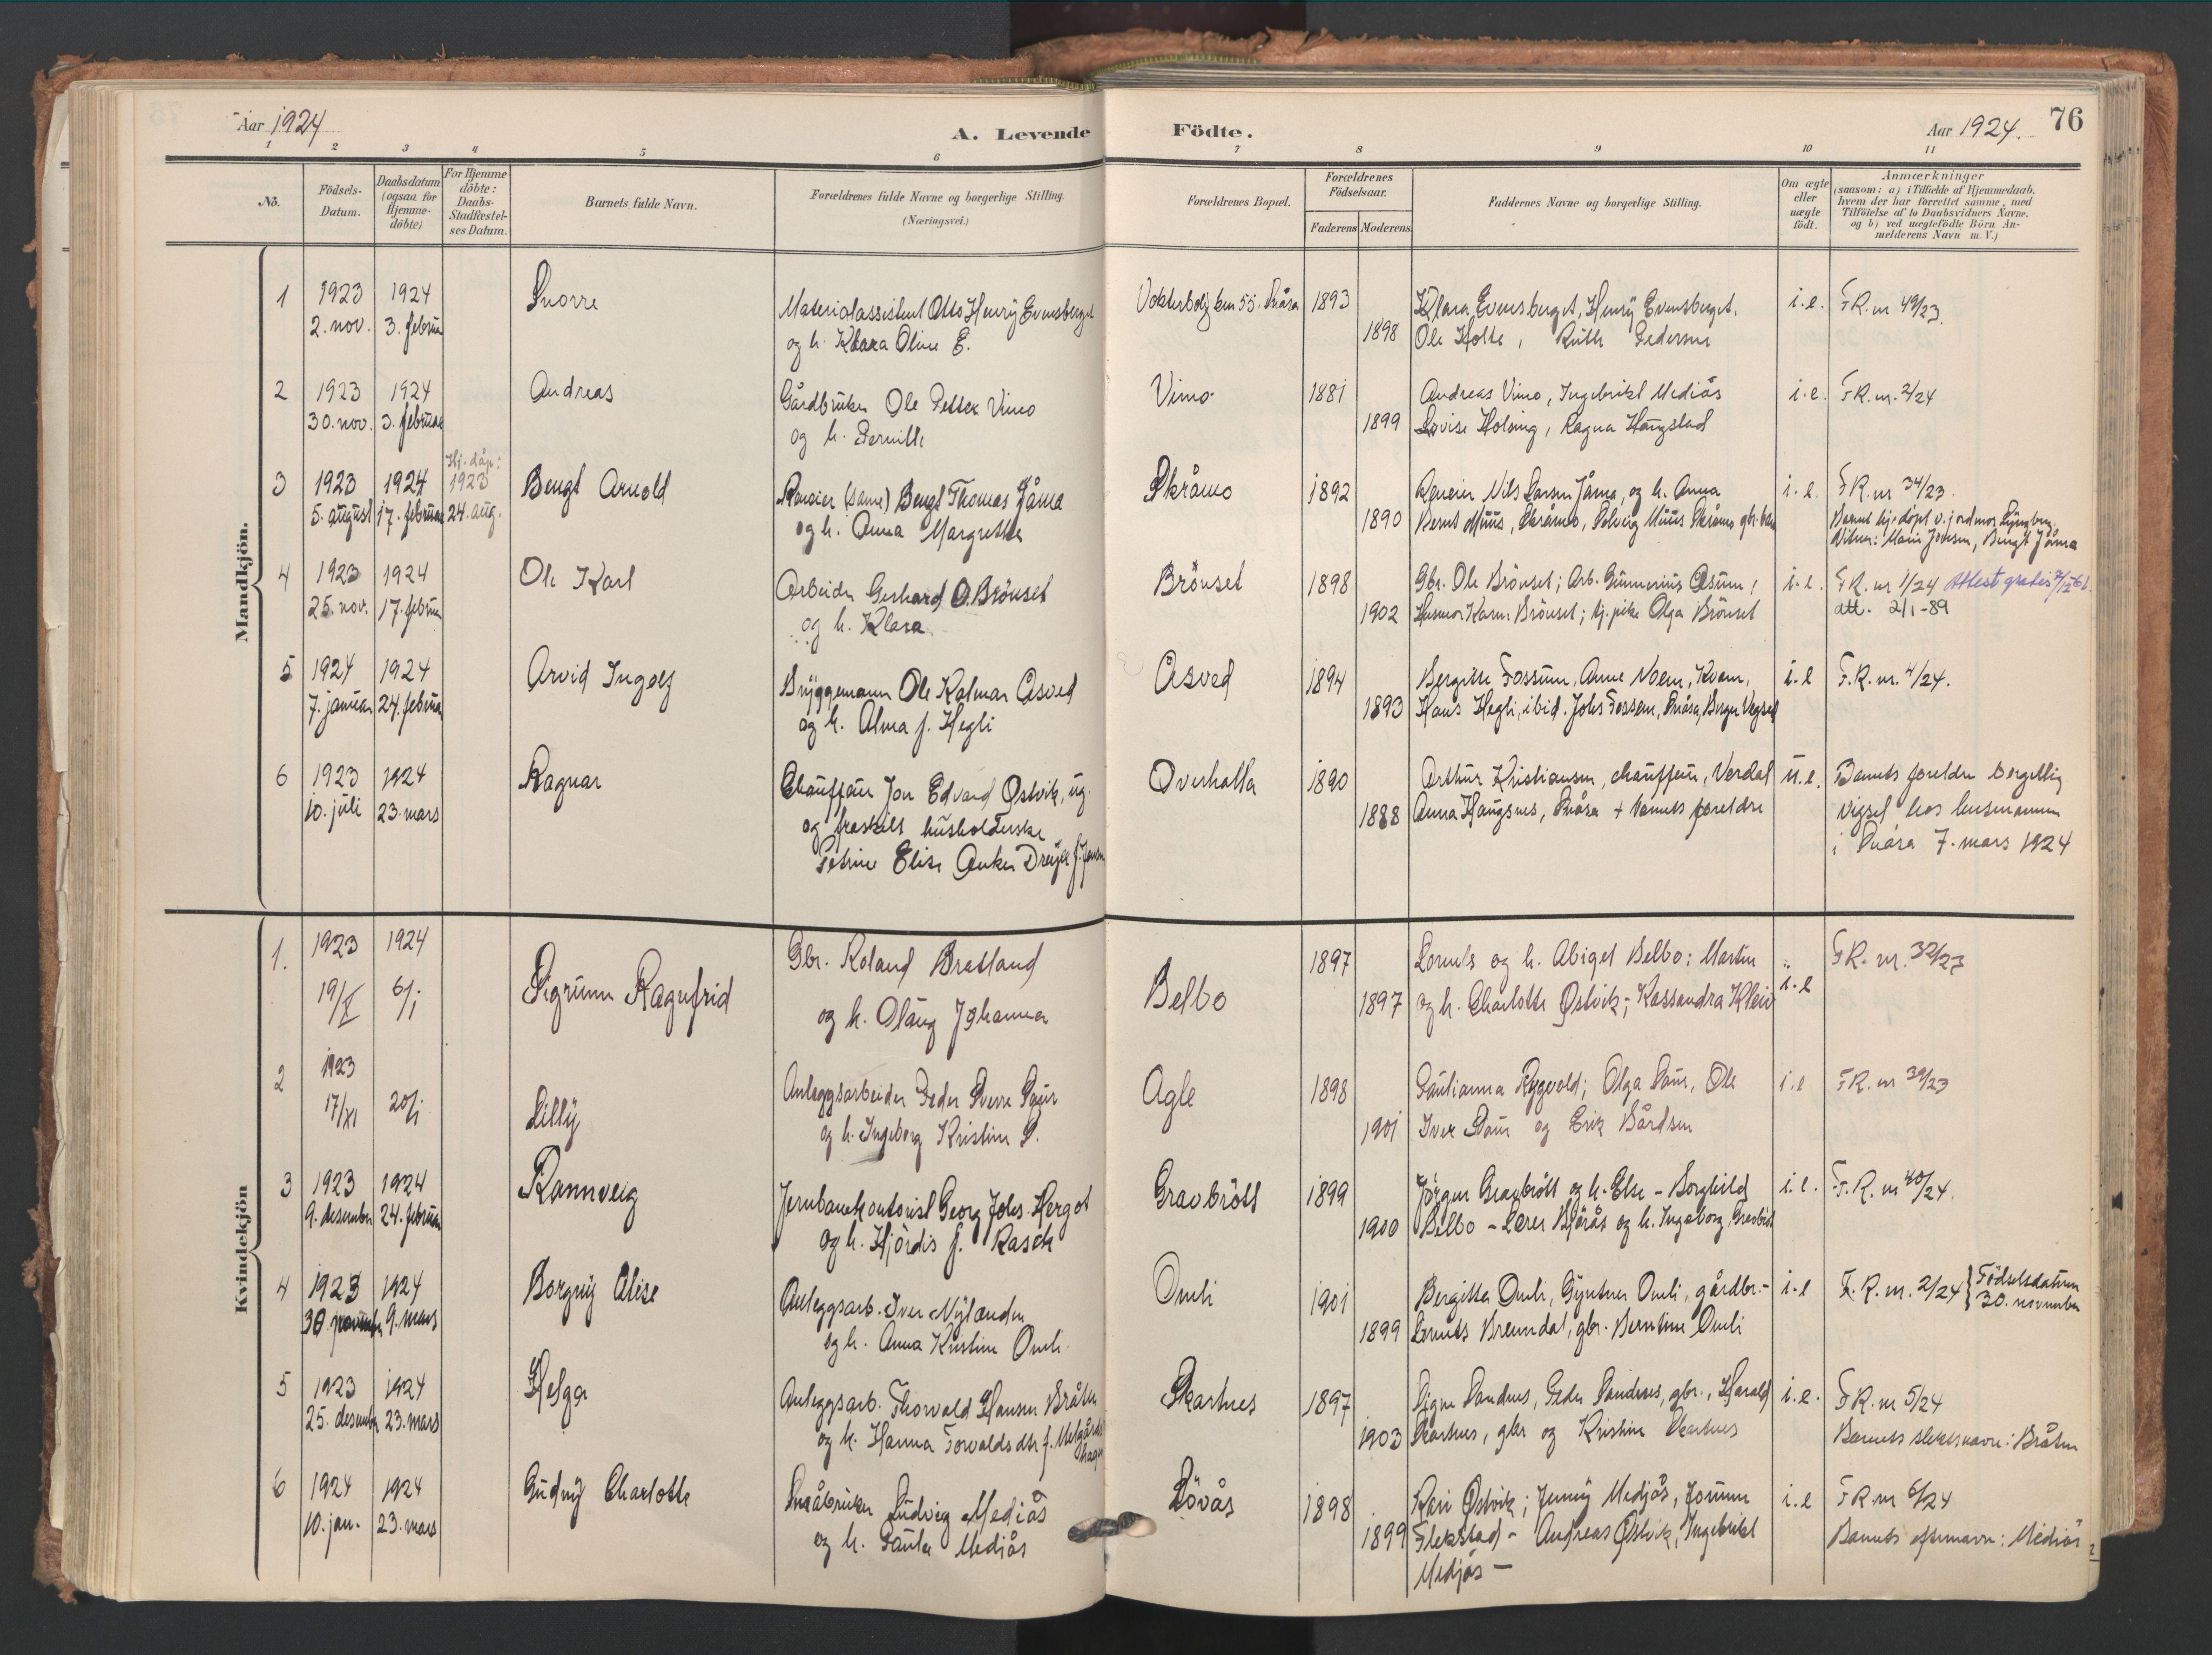 SAT, Ministerialprotokoller, klokkerbøker og fødselsregistre - Nord-Trøndelag, 749/L0477: Ministerialbok nr. 749A11, 1902-1927, s. 76